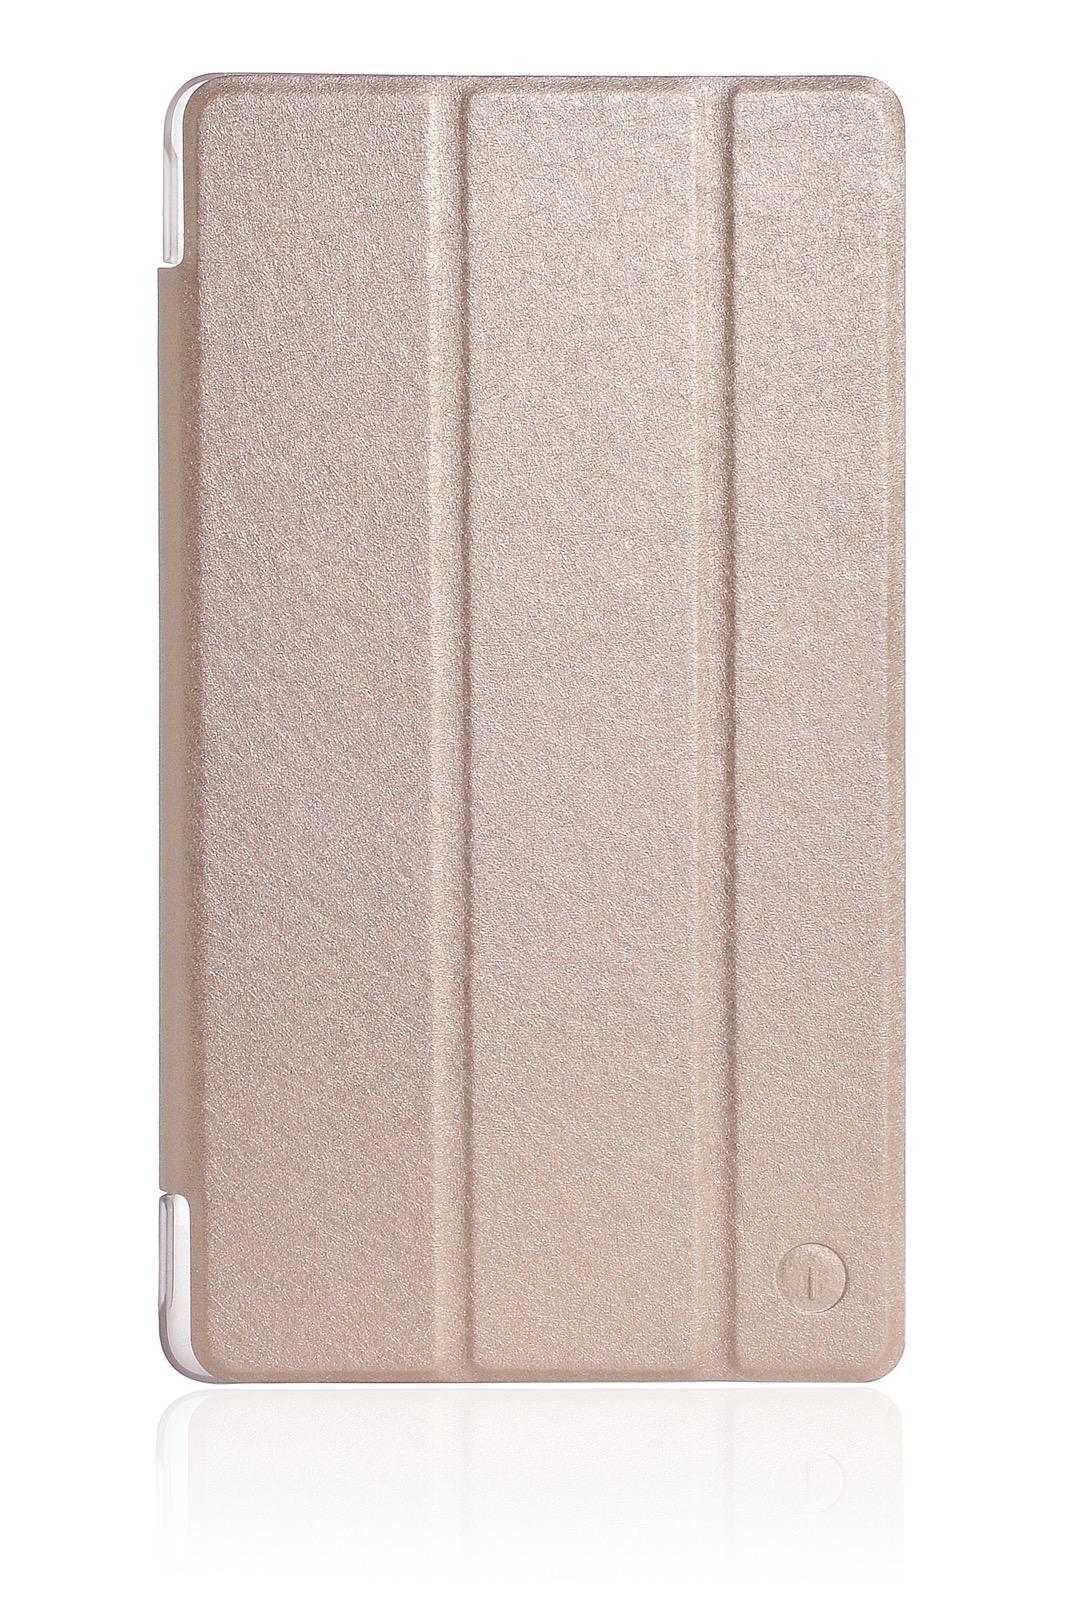 """Чехол для планшета iNeez Smart книжка для Huawei Mediapad T3 7.0"""", золотой"""